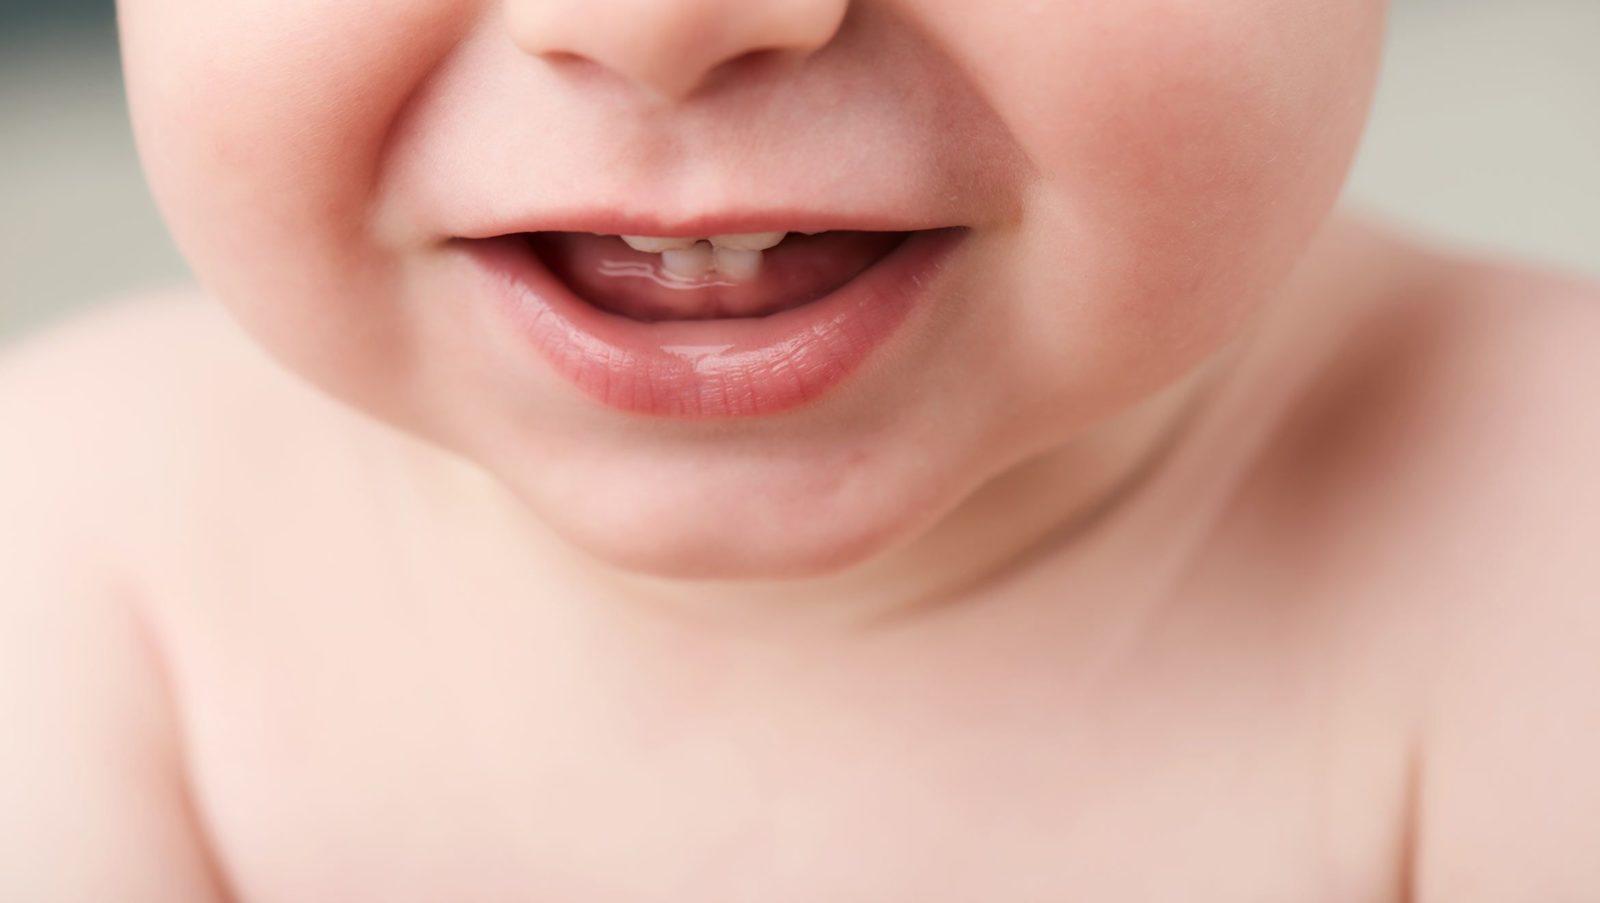 Hygiène bucco-dentaire de bébé : bonnes habitudes et conseils | Bébé M